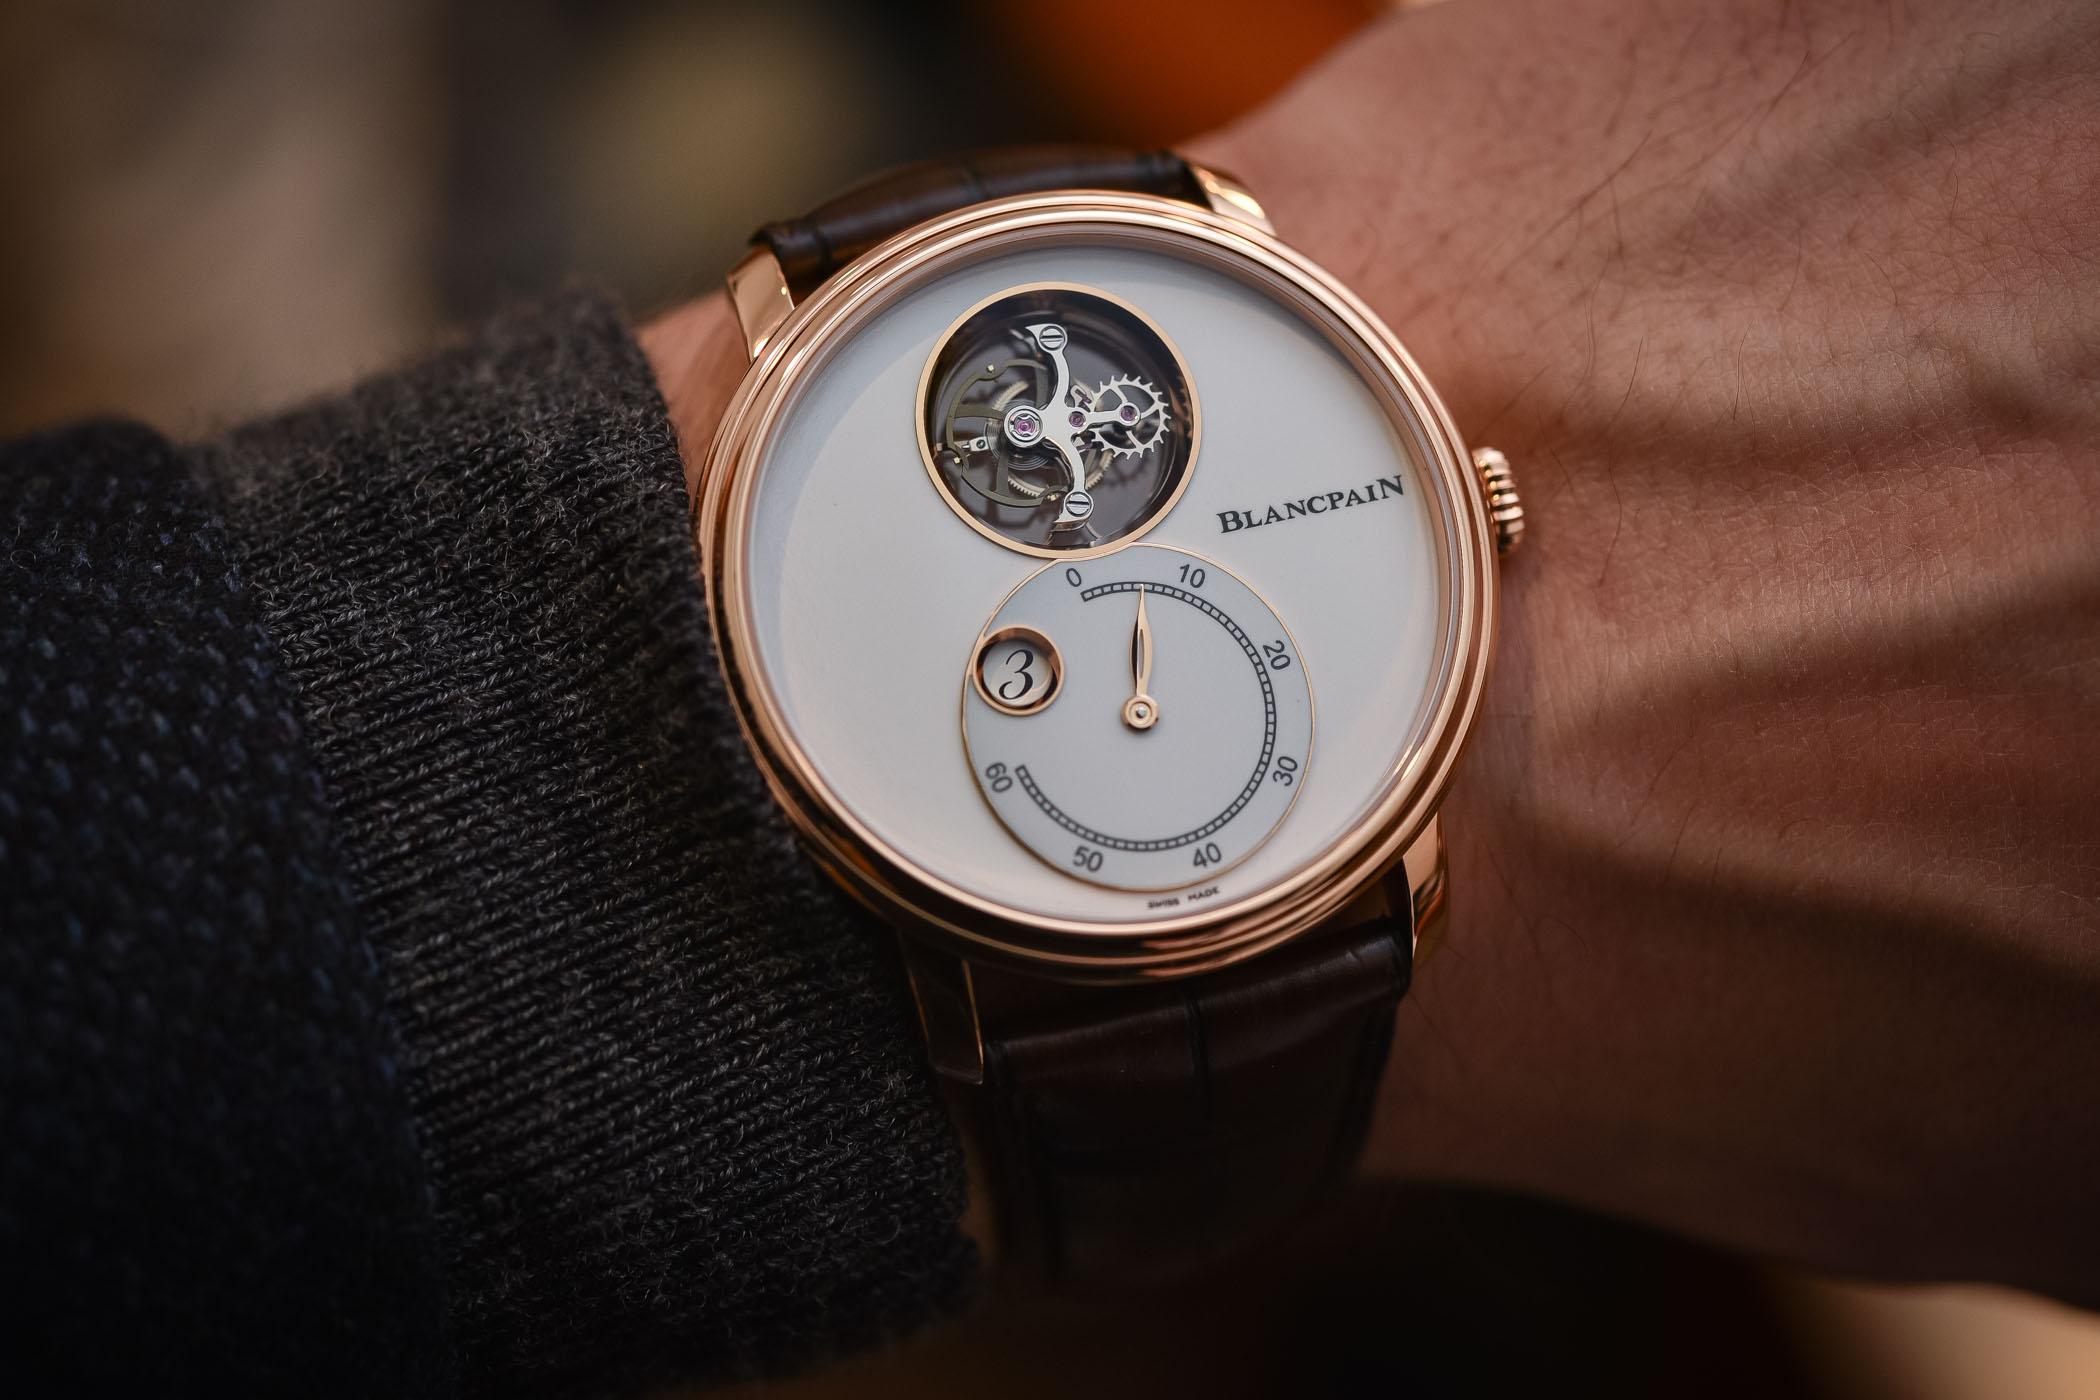 5 Mẫu đồng hồ tourbillon dưới 150.000 USD không nên bỏ lỡ